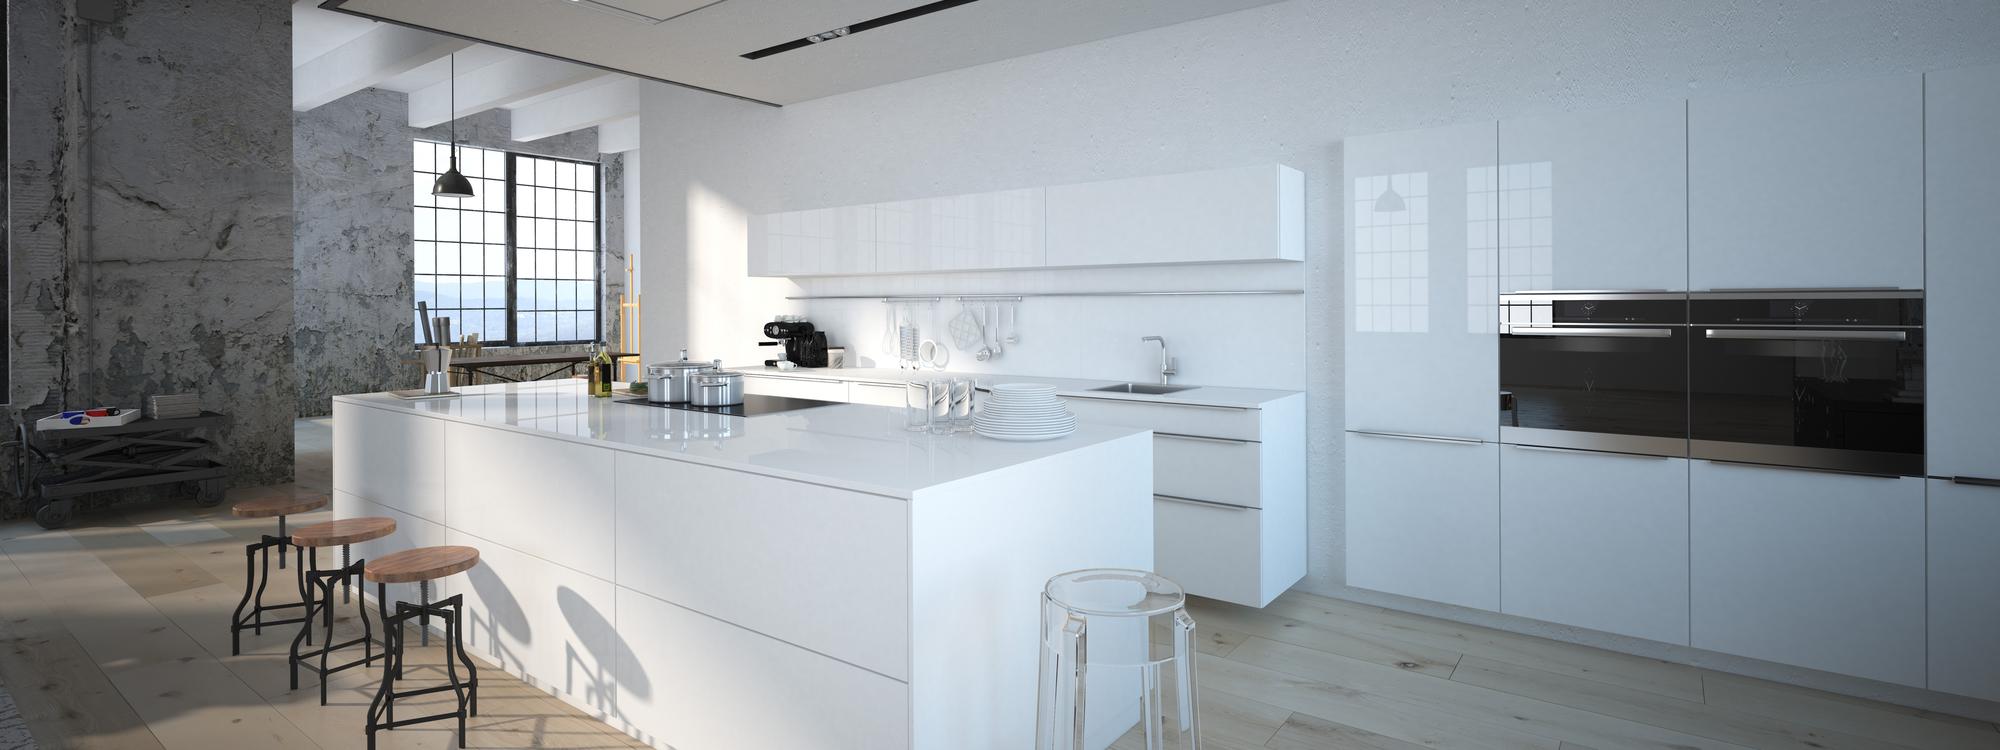 Architekturvisualisierung / Innenarchitektur Küche